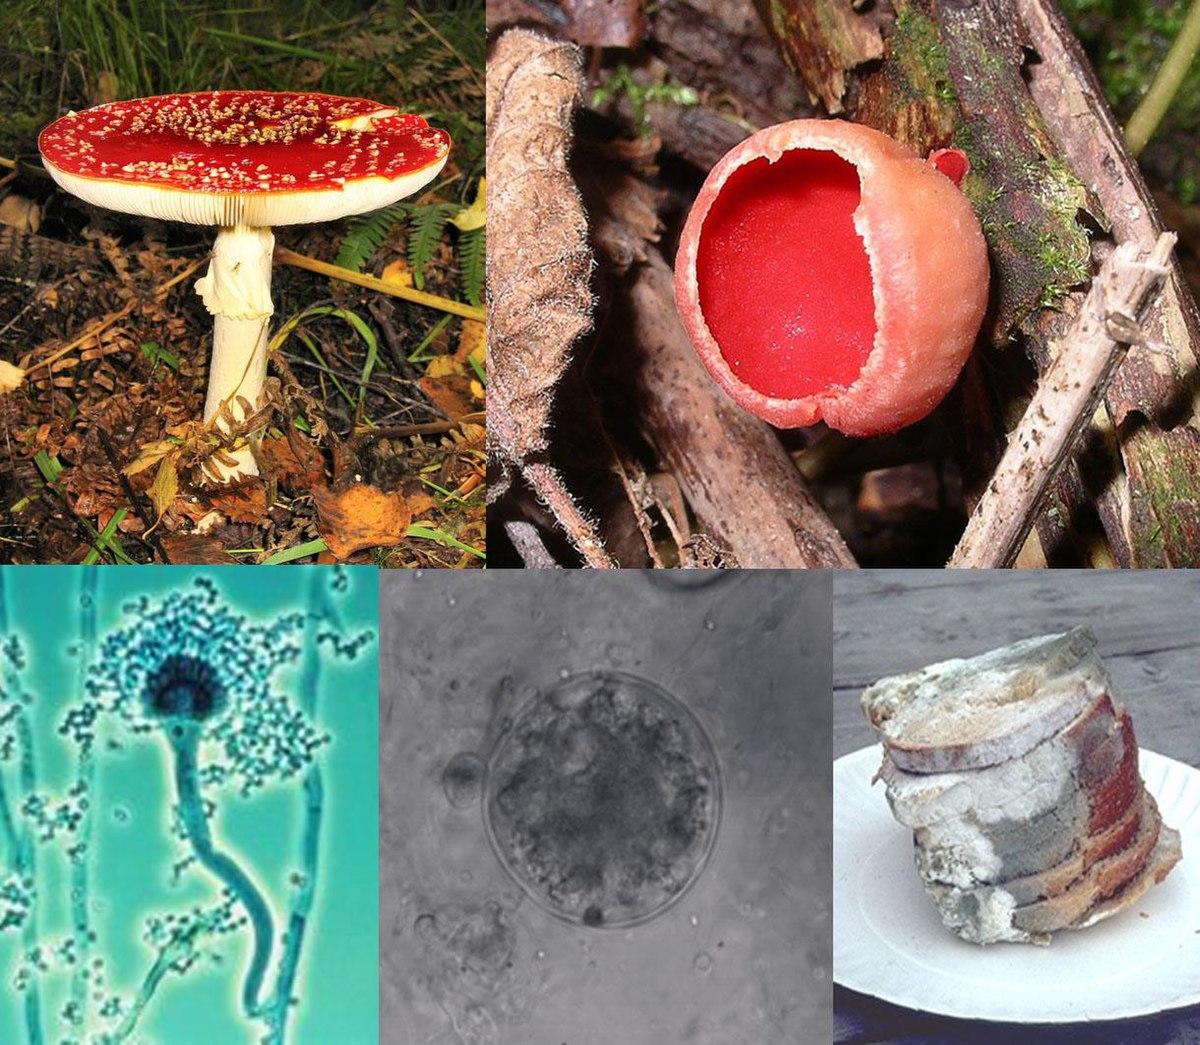 ciuperci bacterii viruși paraziți)